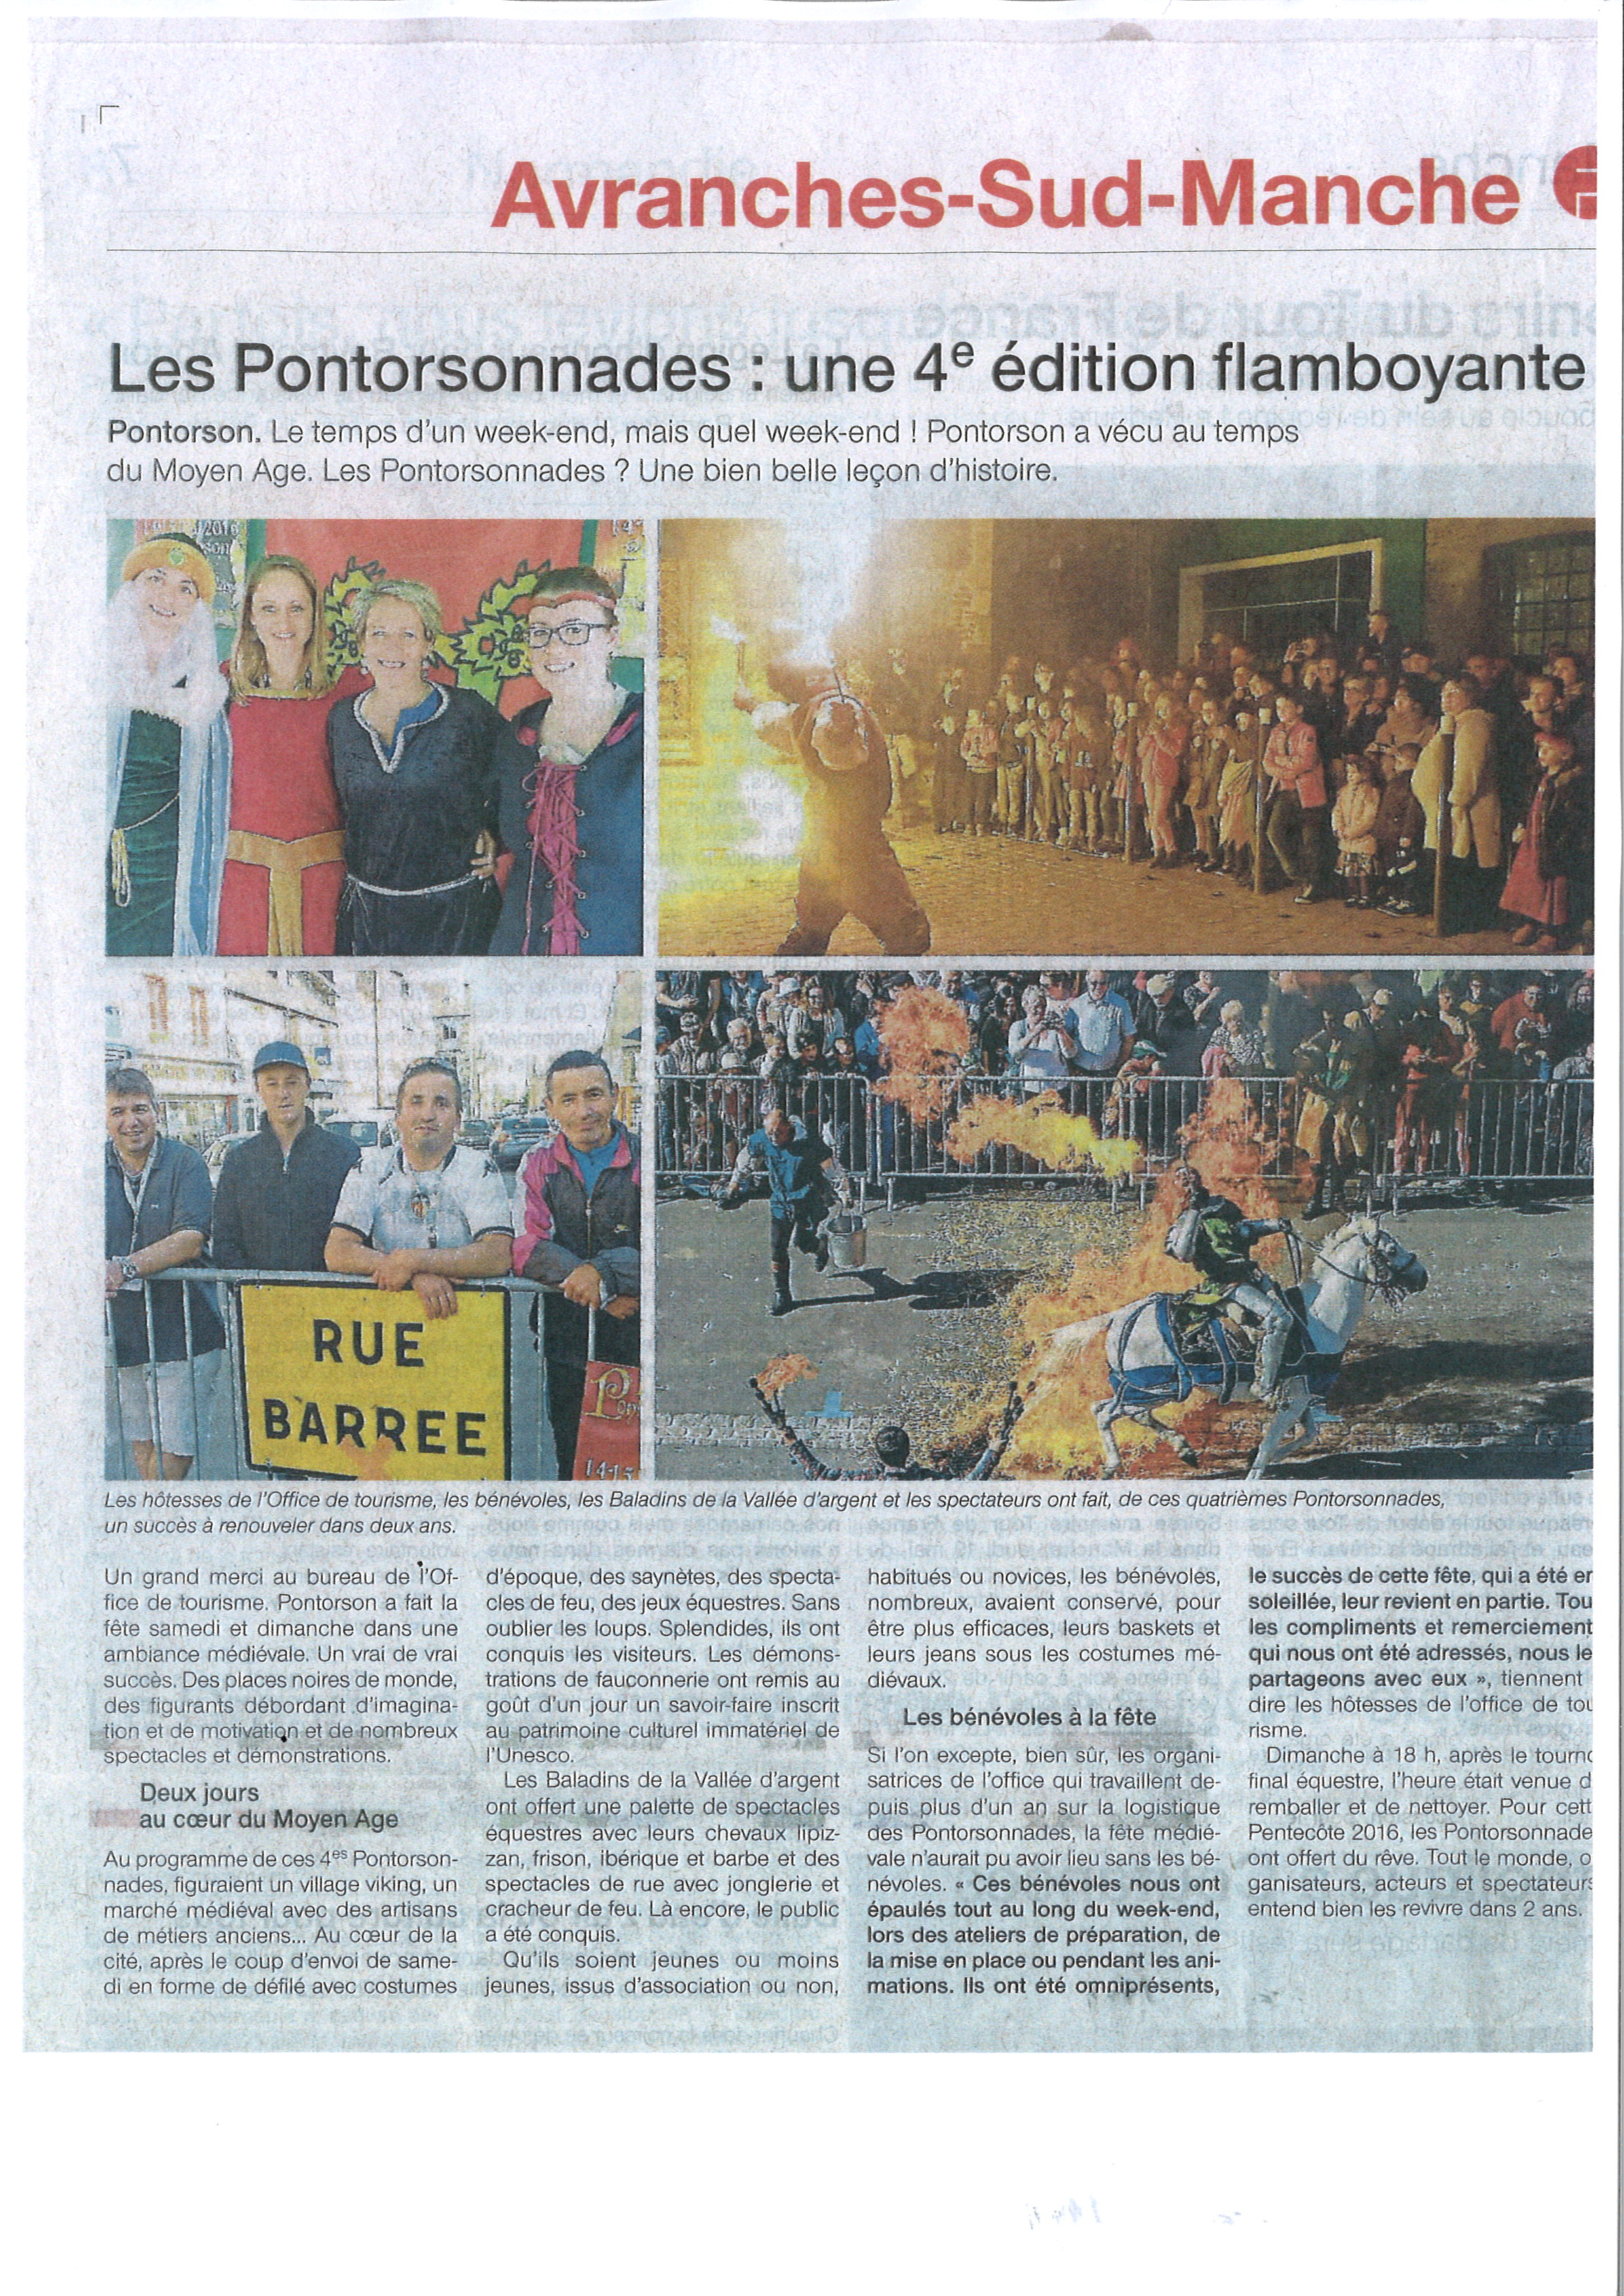 La Presse en parle : Ouest France